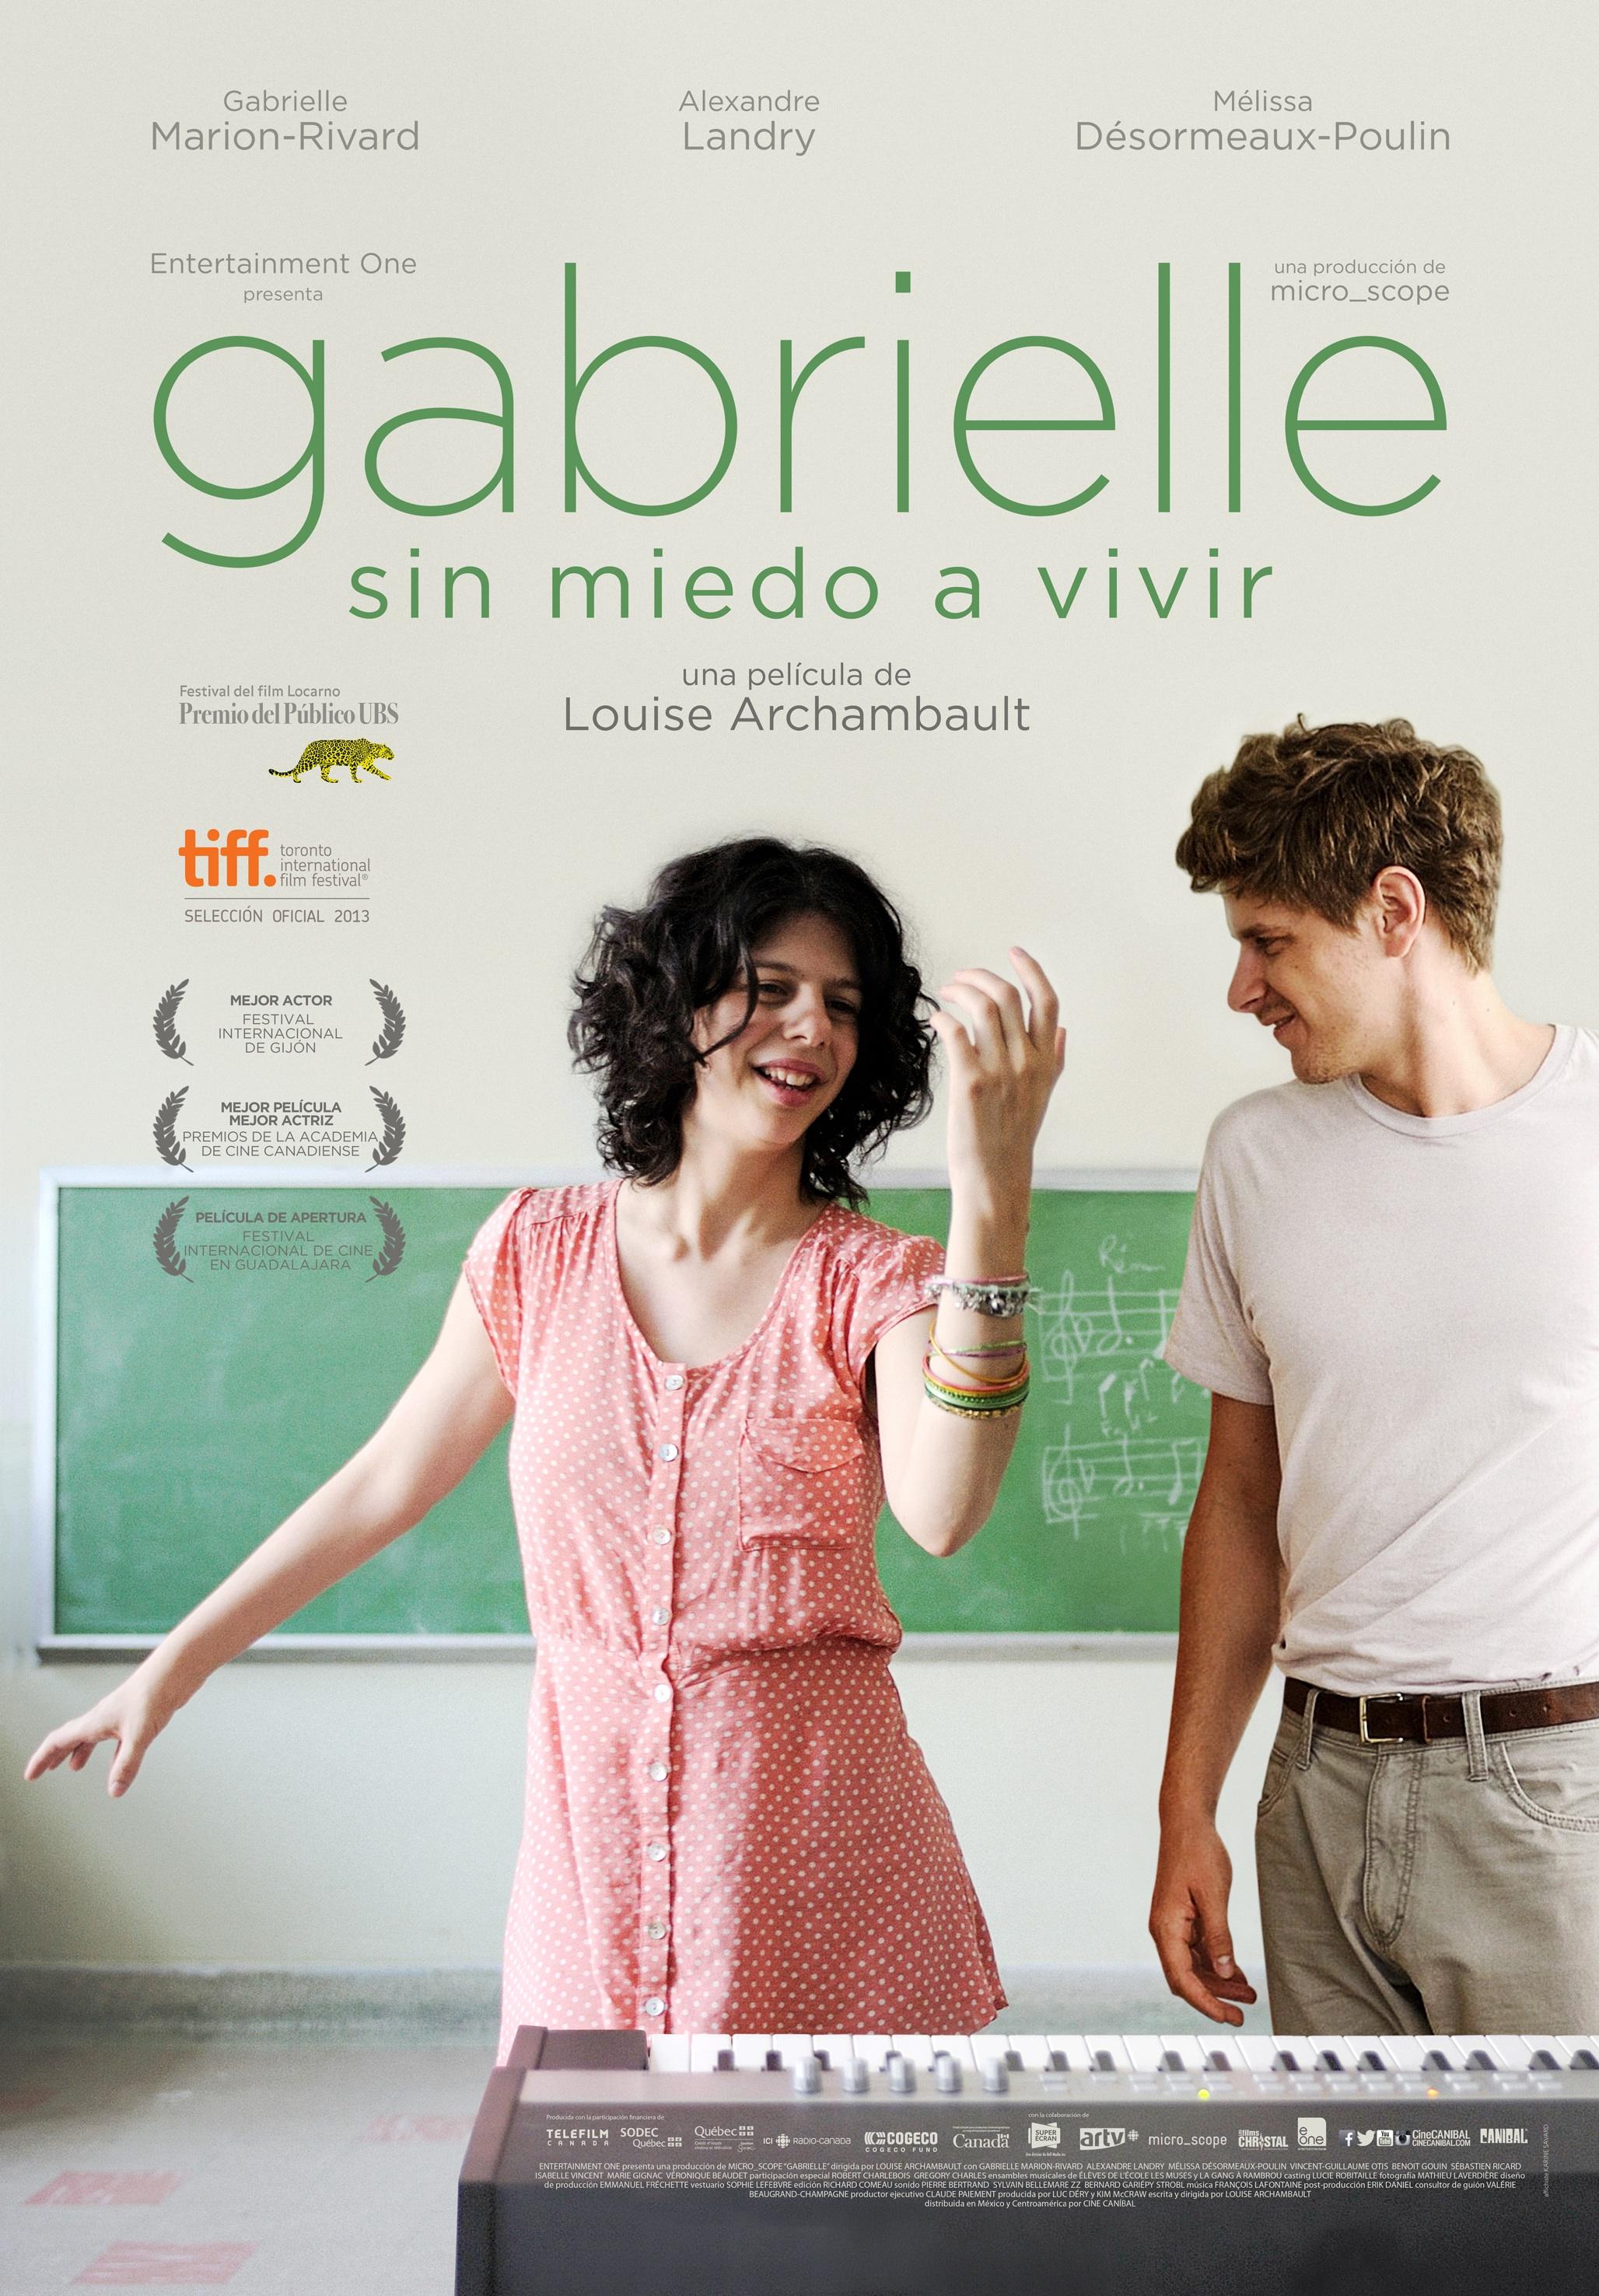 Gabrielle-Sin-miedo-a-vivir-Poster-Empeliculados.co_